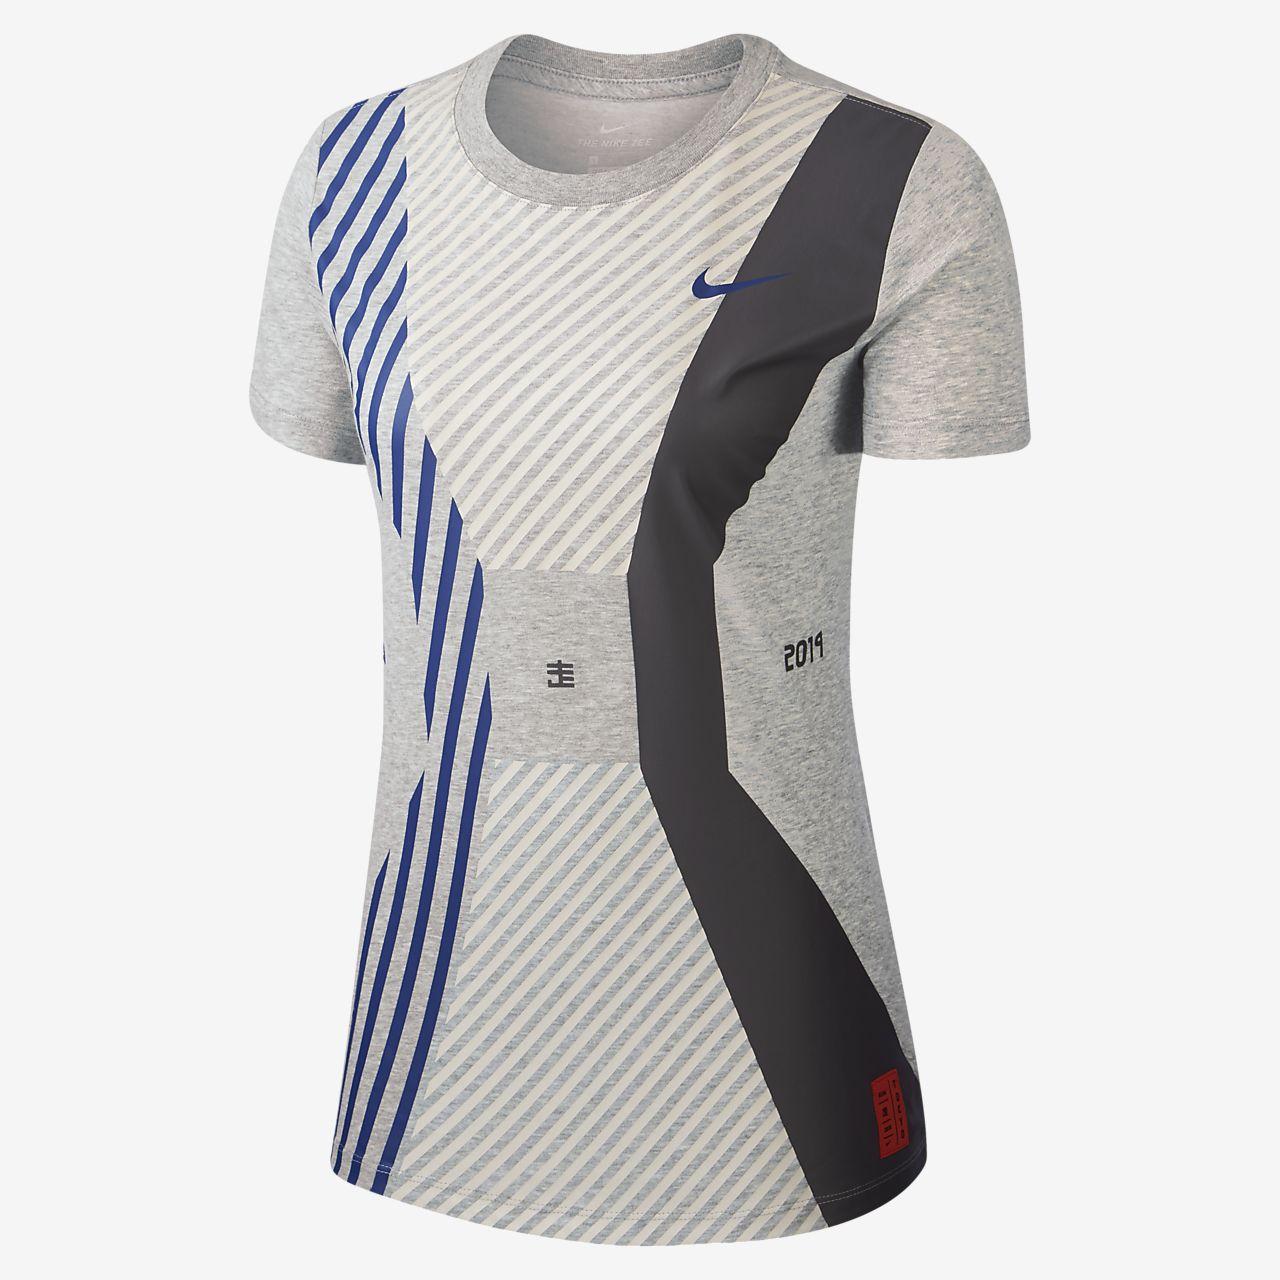 Dámské běžecké tričko Nike Dri-FIT. Nike.com CZ 7d0f83ce0d3